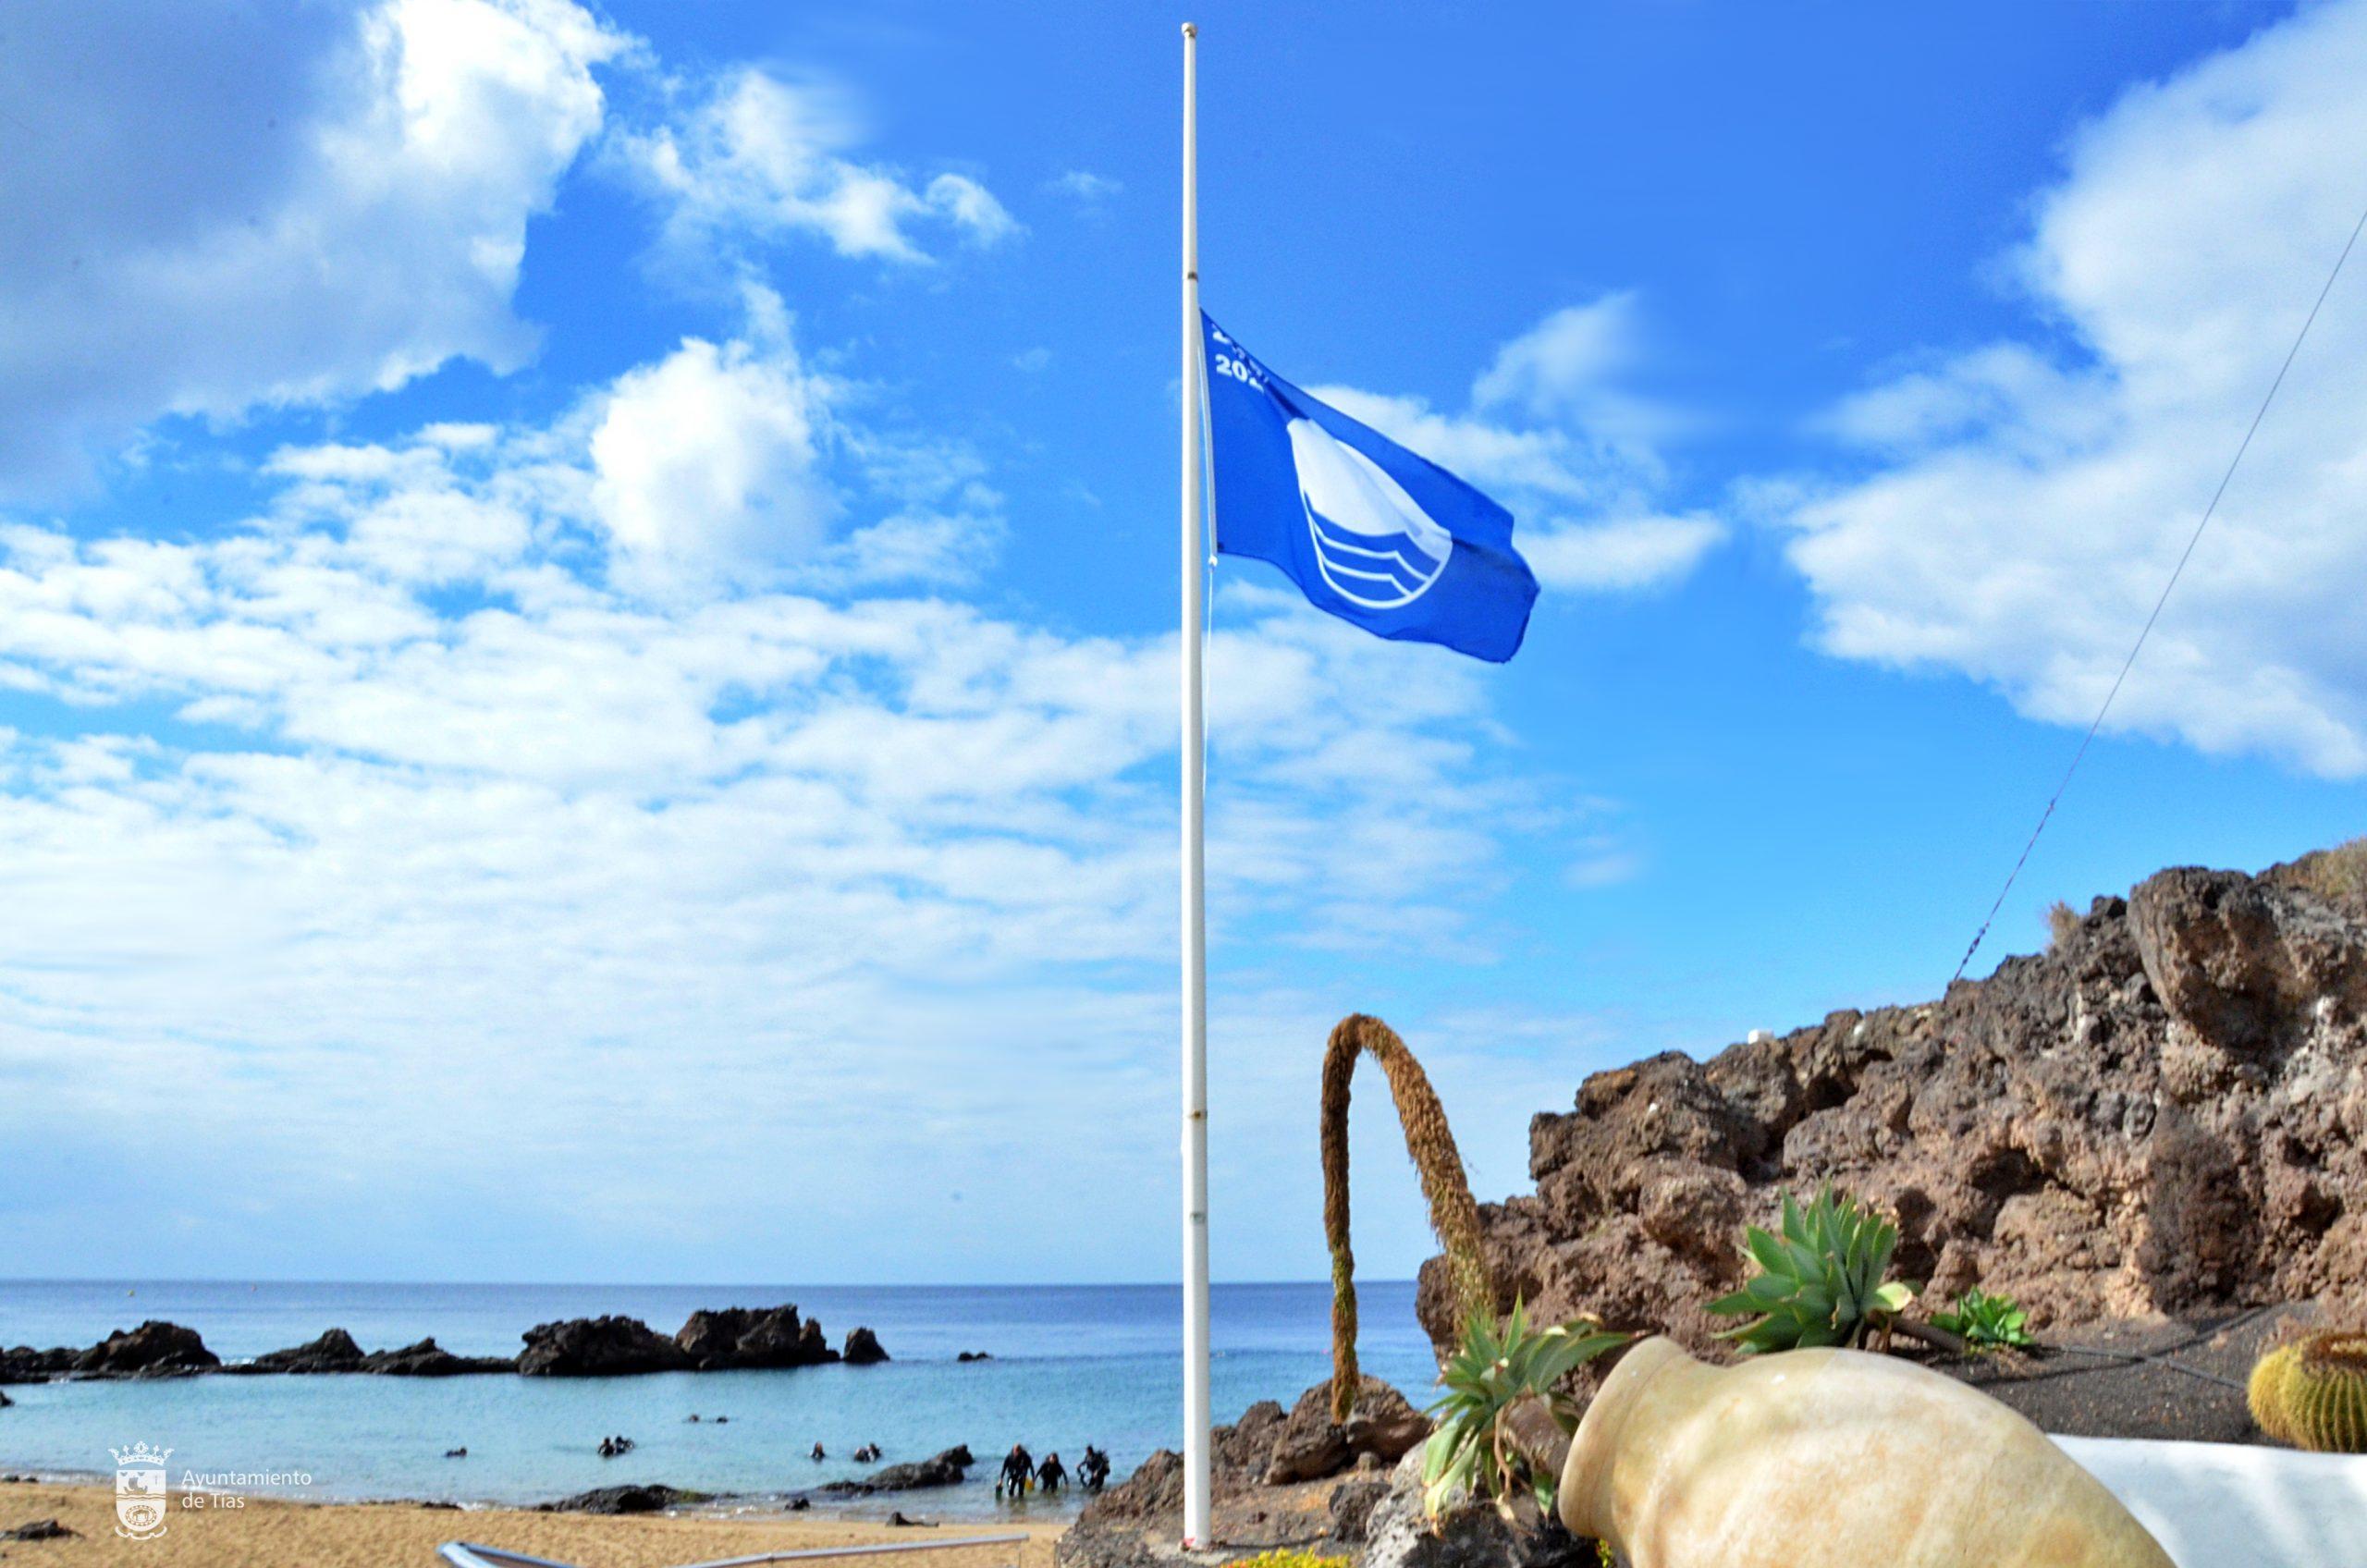 El Ayuntamiento de Tías muestra su satisfacción por haber revalidado la bandera azul en Playa Grande, Pocillos, Matagorda y Playa Chica